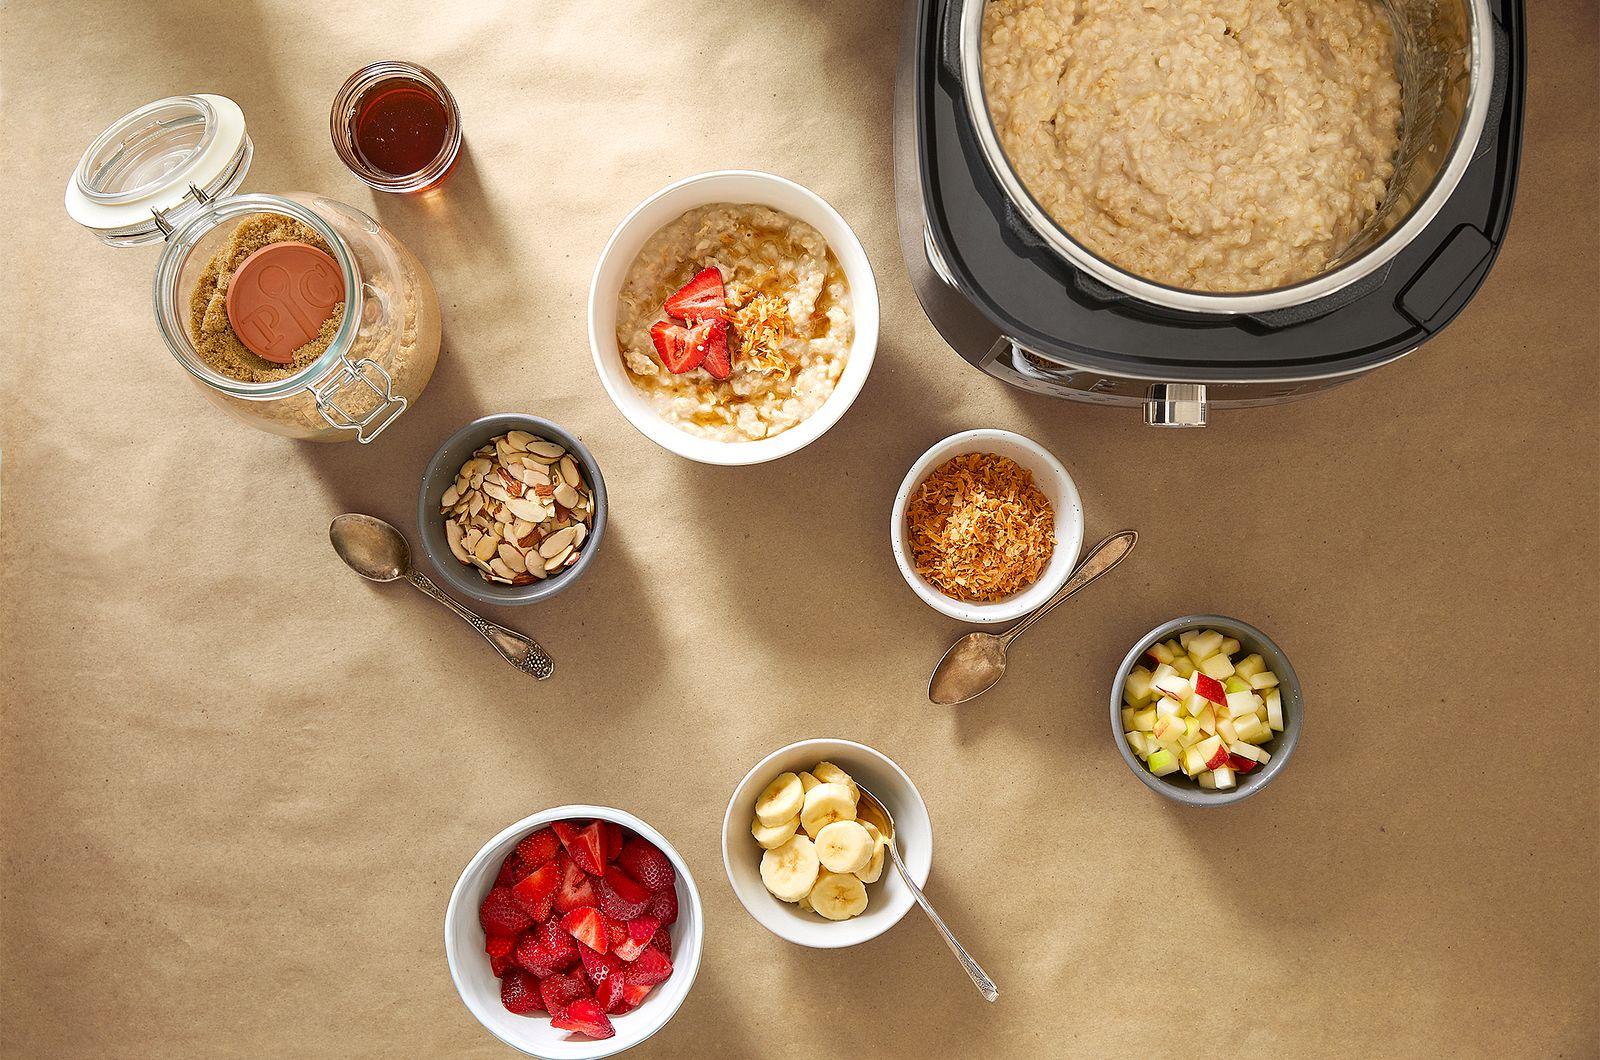 How to Make a DIY Oatmeal Breakfast Bar